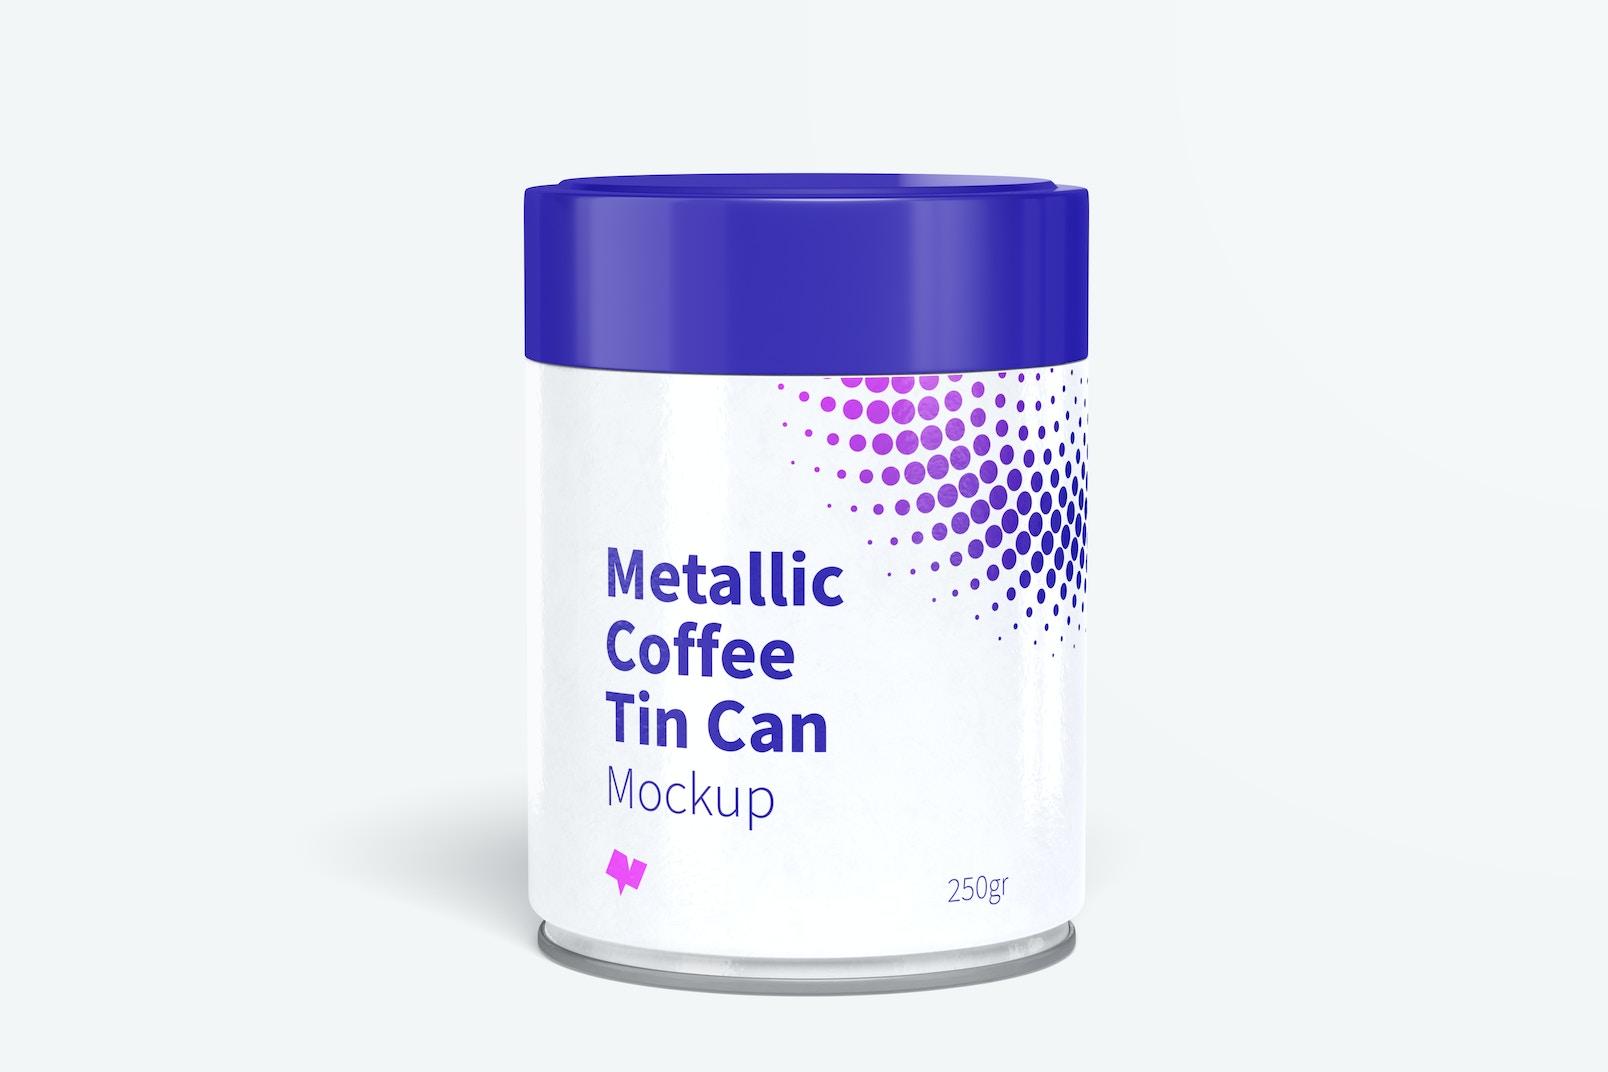 Metallic Coffee Tin Can with Plastic Lid Mockup